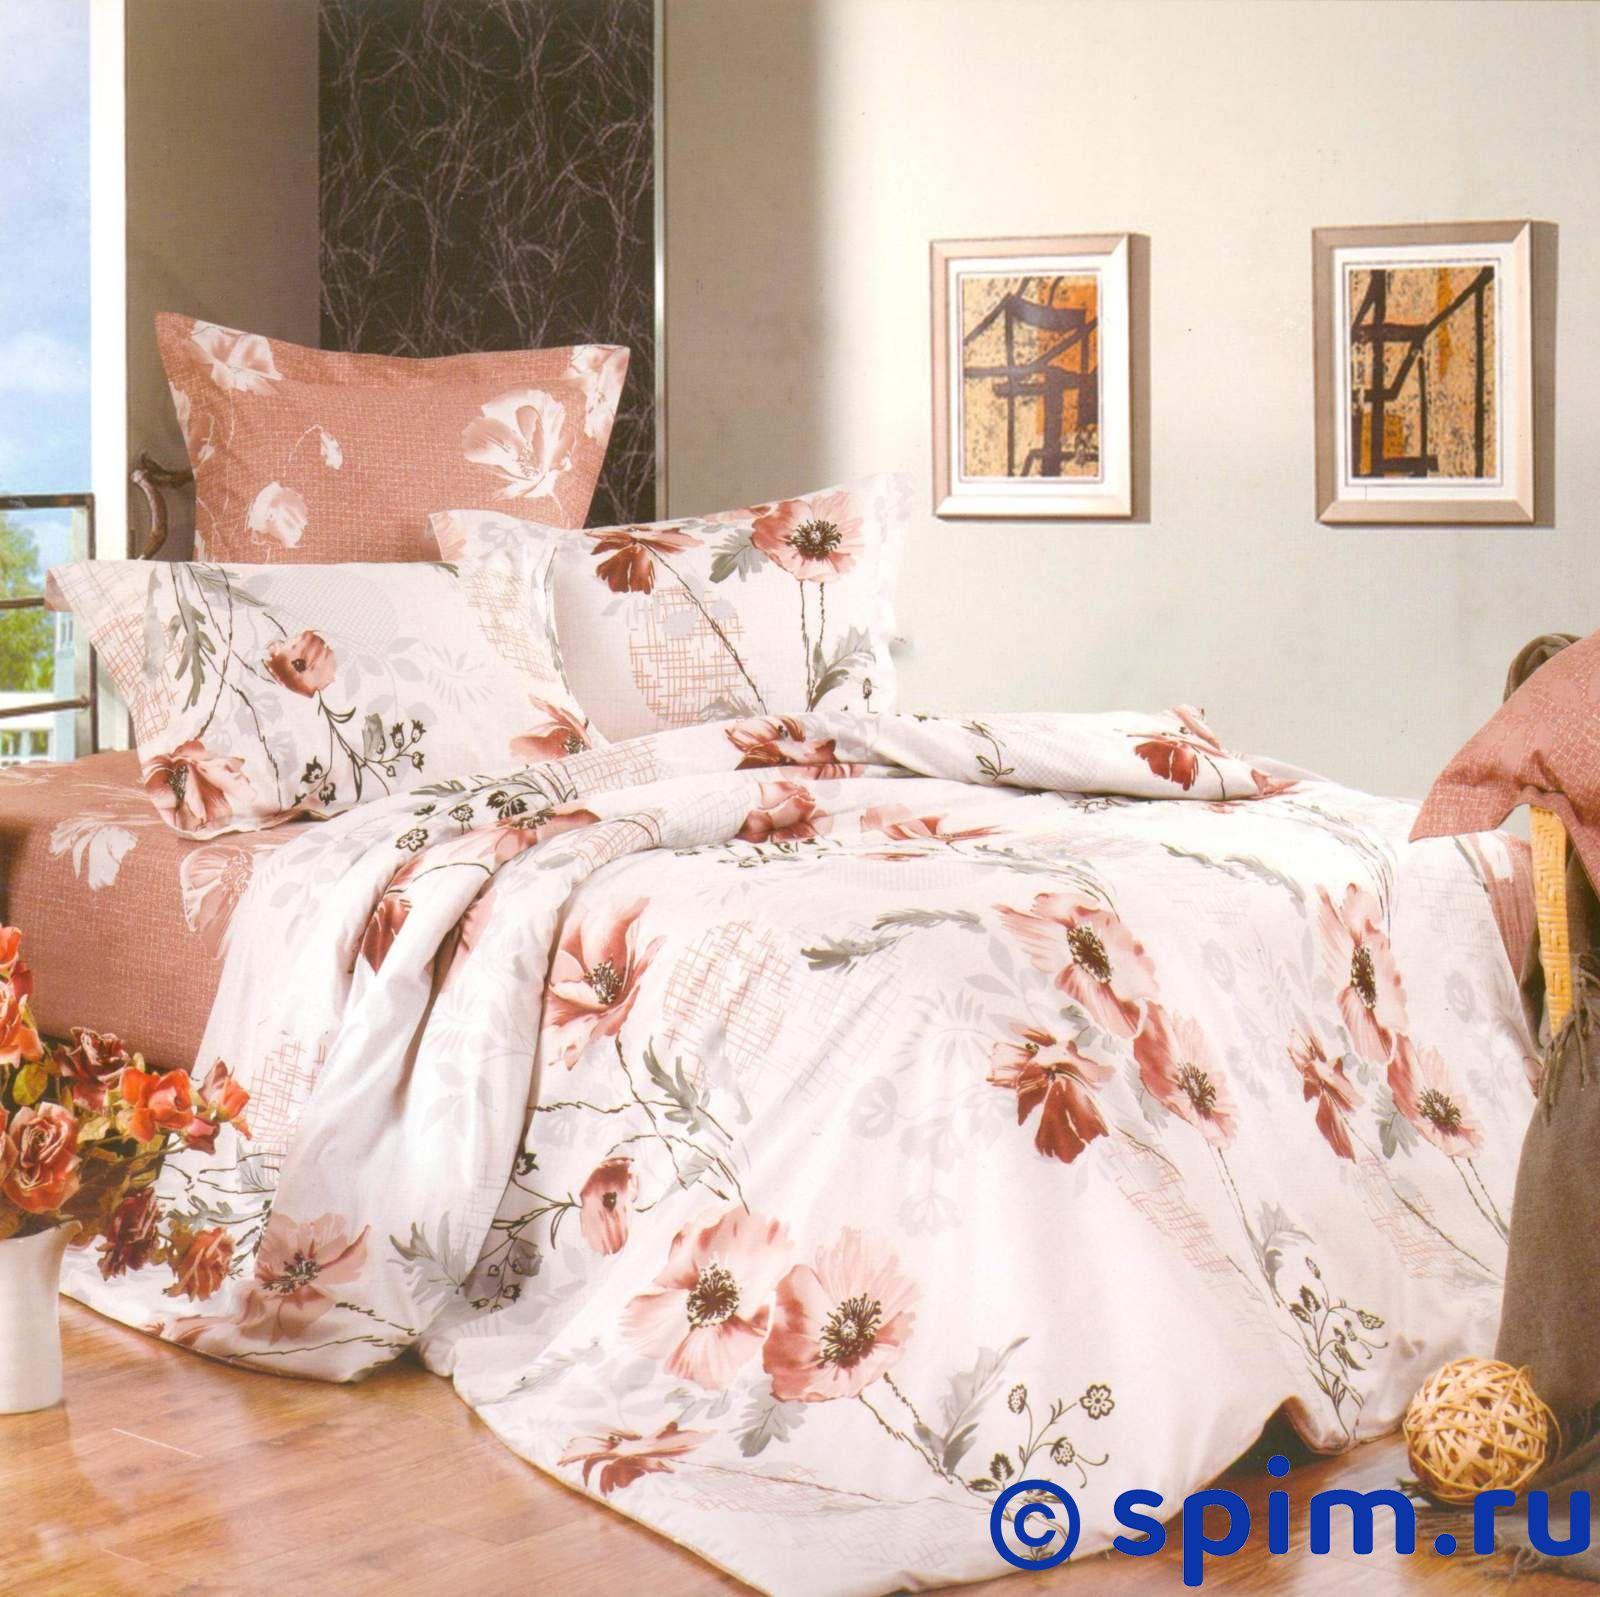 Комплект СайлиД В109 1.5 спальное